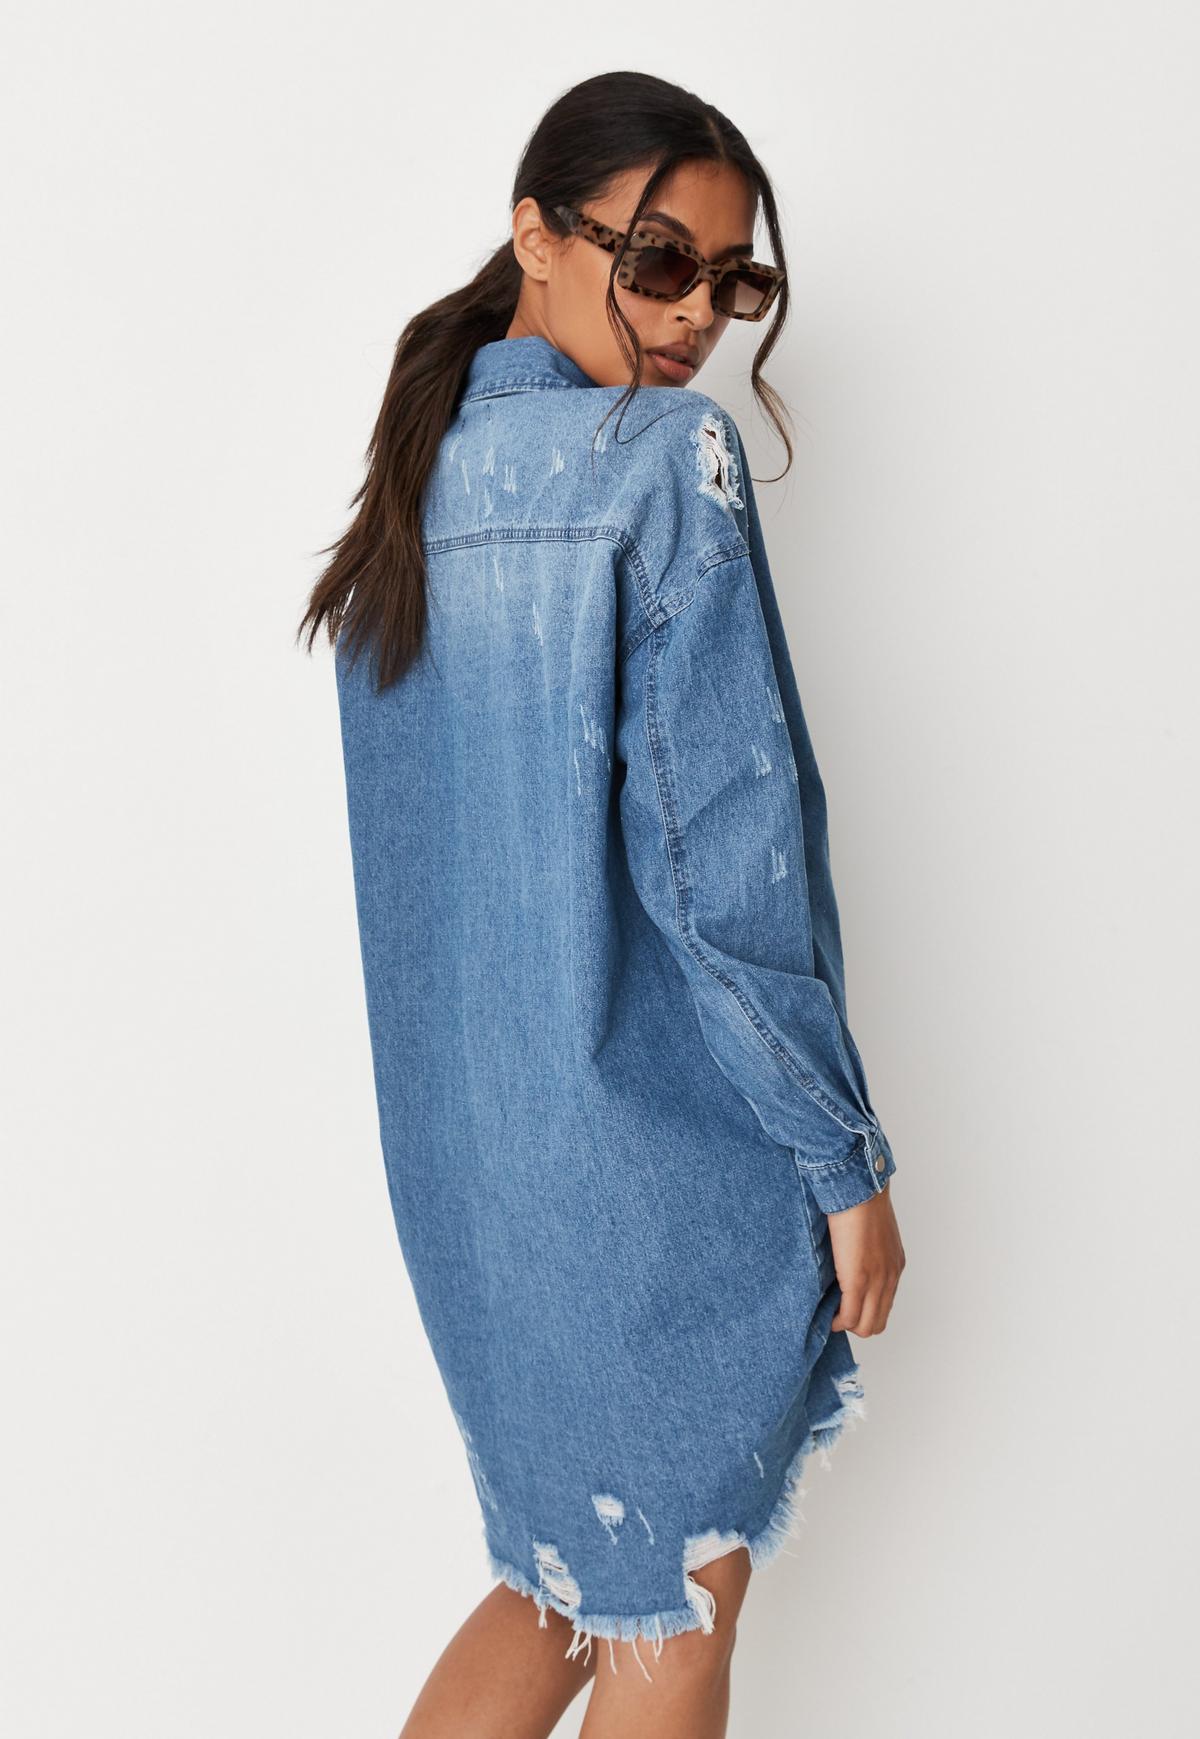 Robe chemise oversize en jean bleu délavé avec effet usé